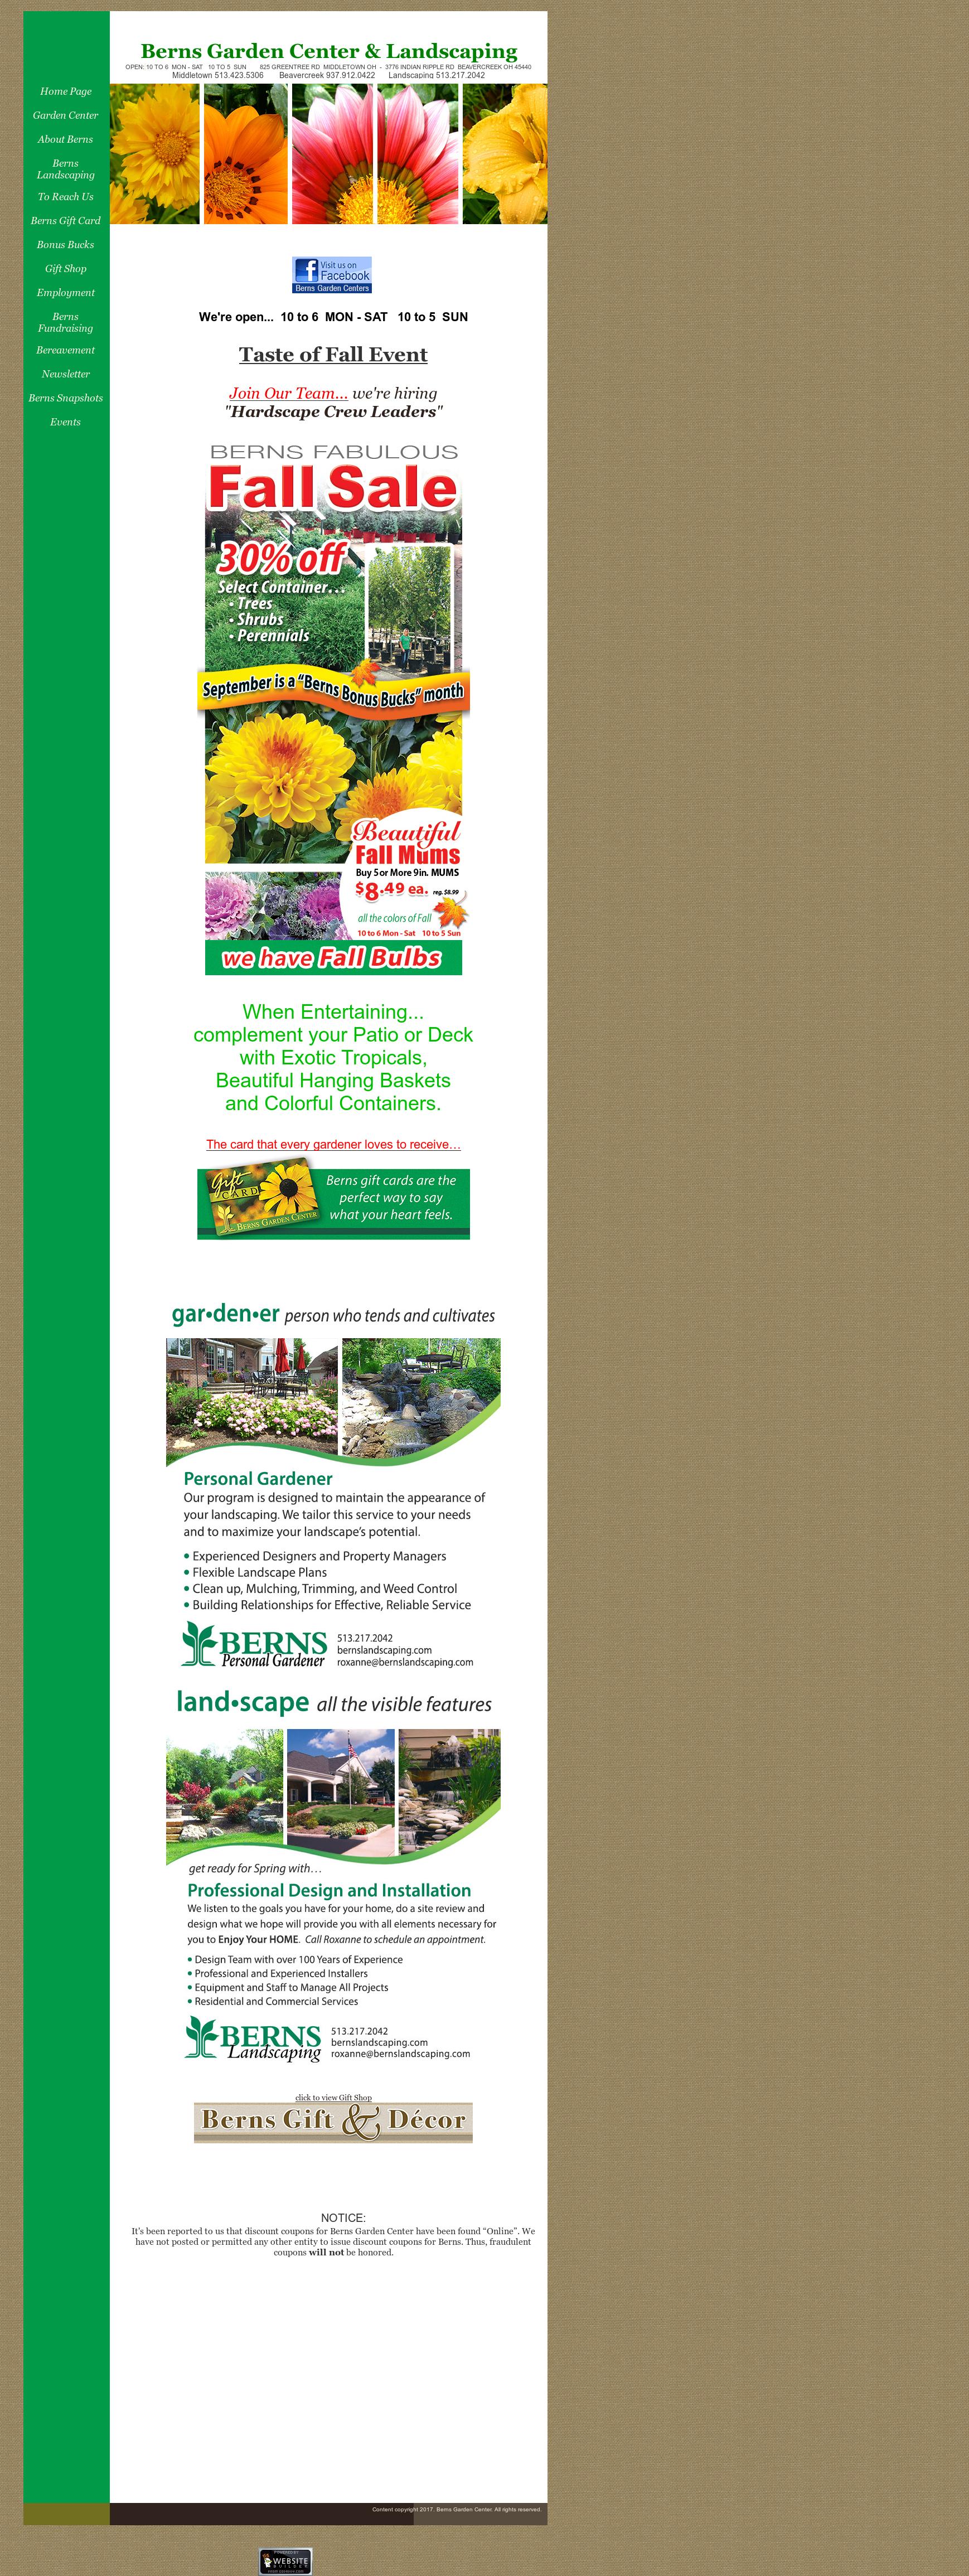 Berns Garden Center Website History